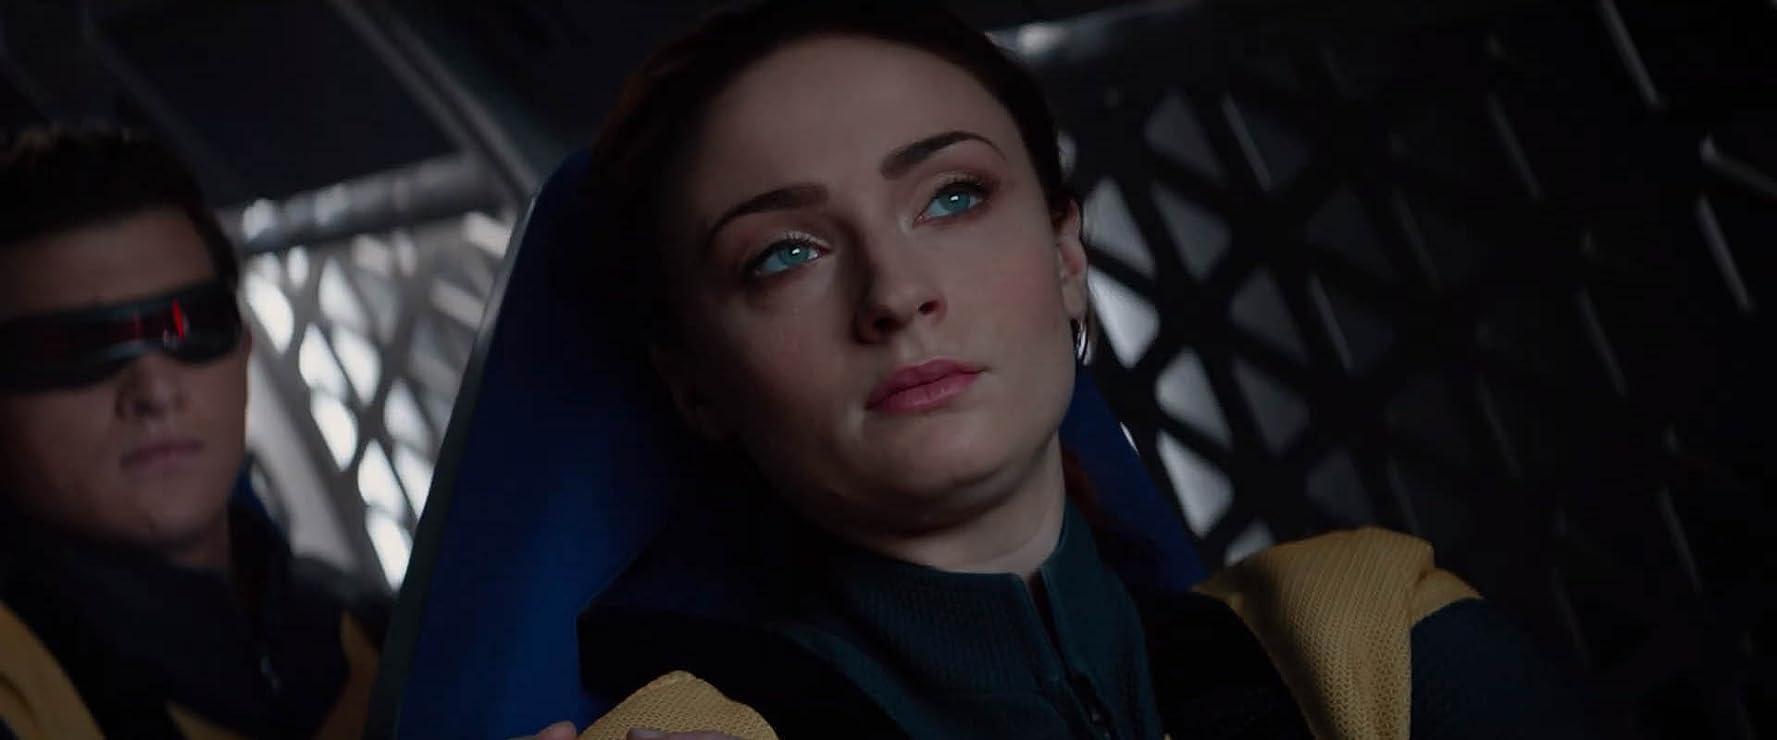 Sophie Turner and Tye Sheridan in Dark Phoenix (2019)